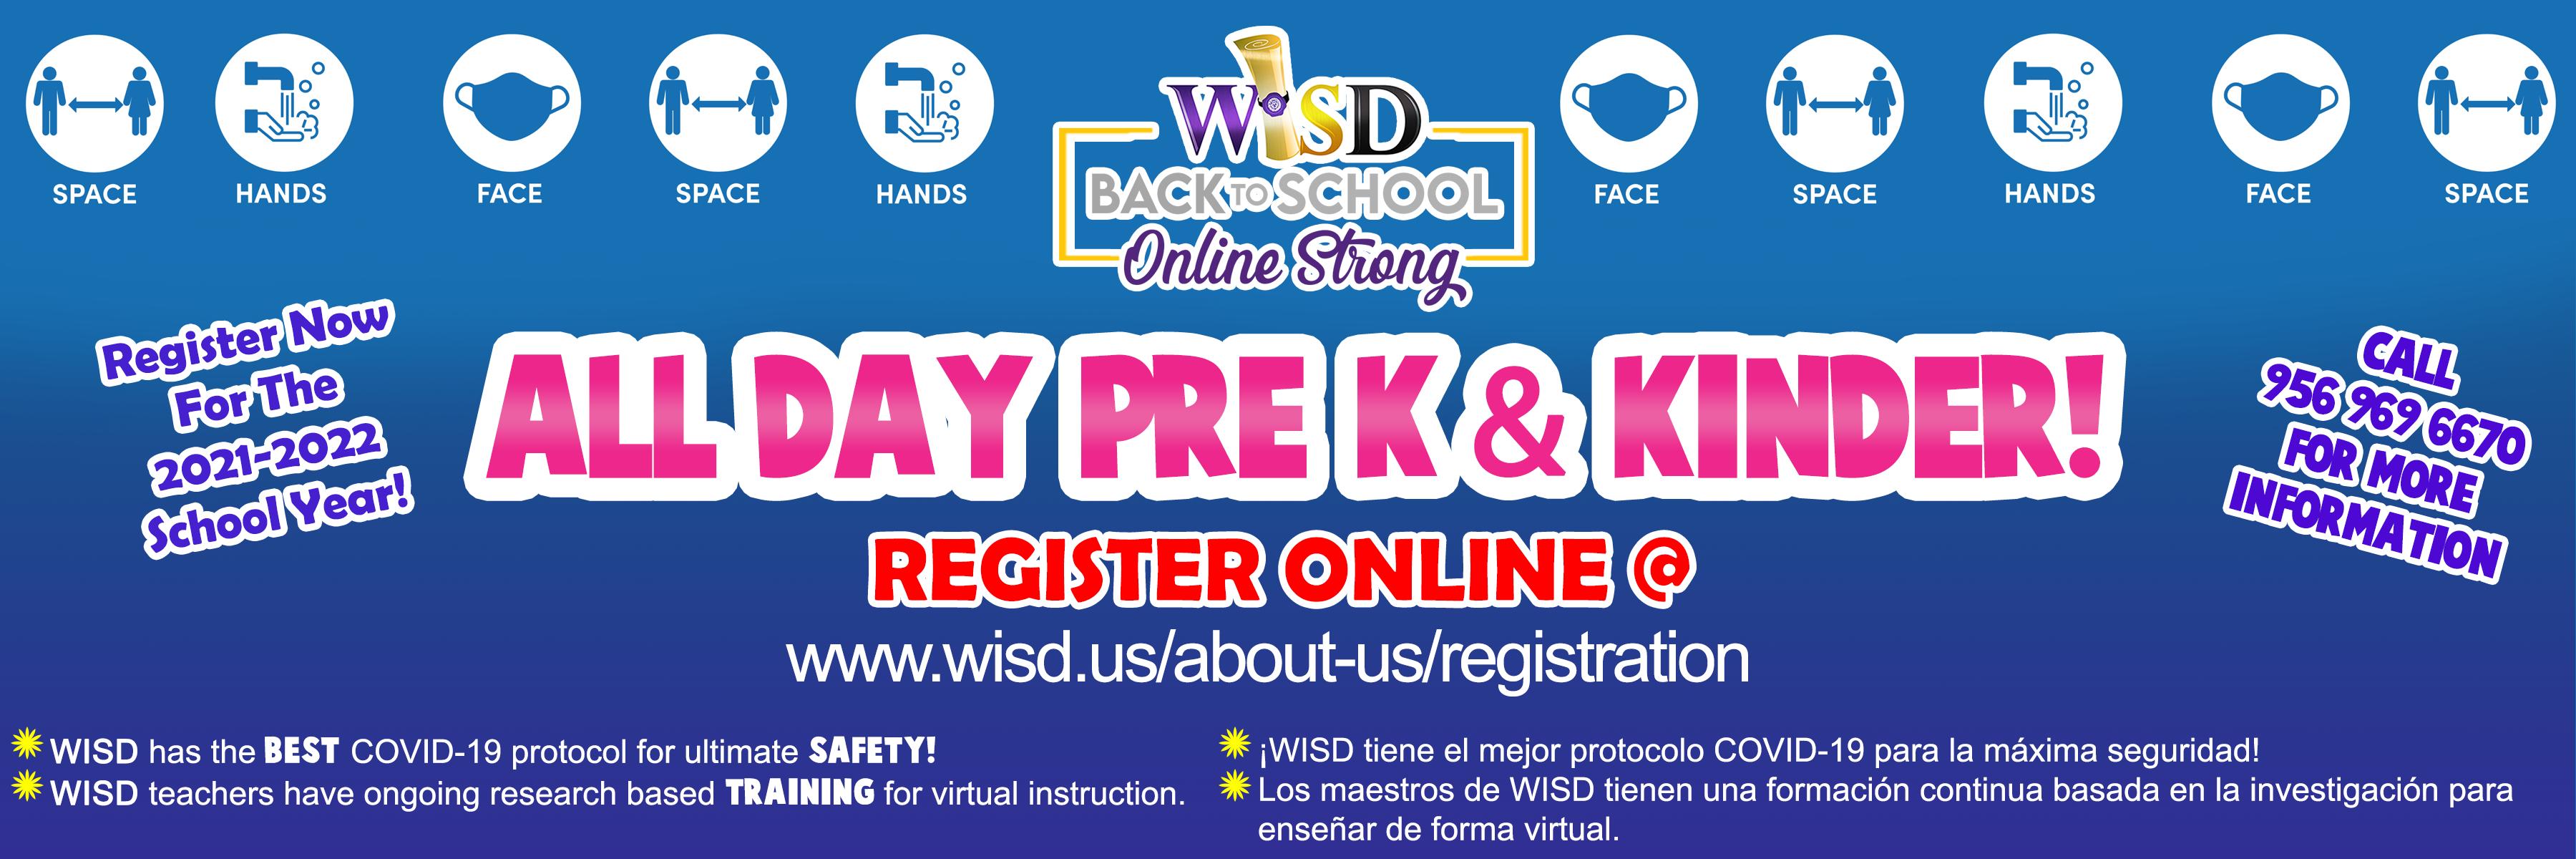 Weslaco Isd Calendar 2021-2022 Registration   Weslaco Independent School District